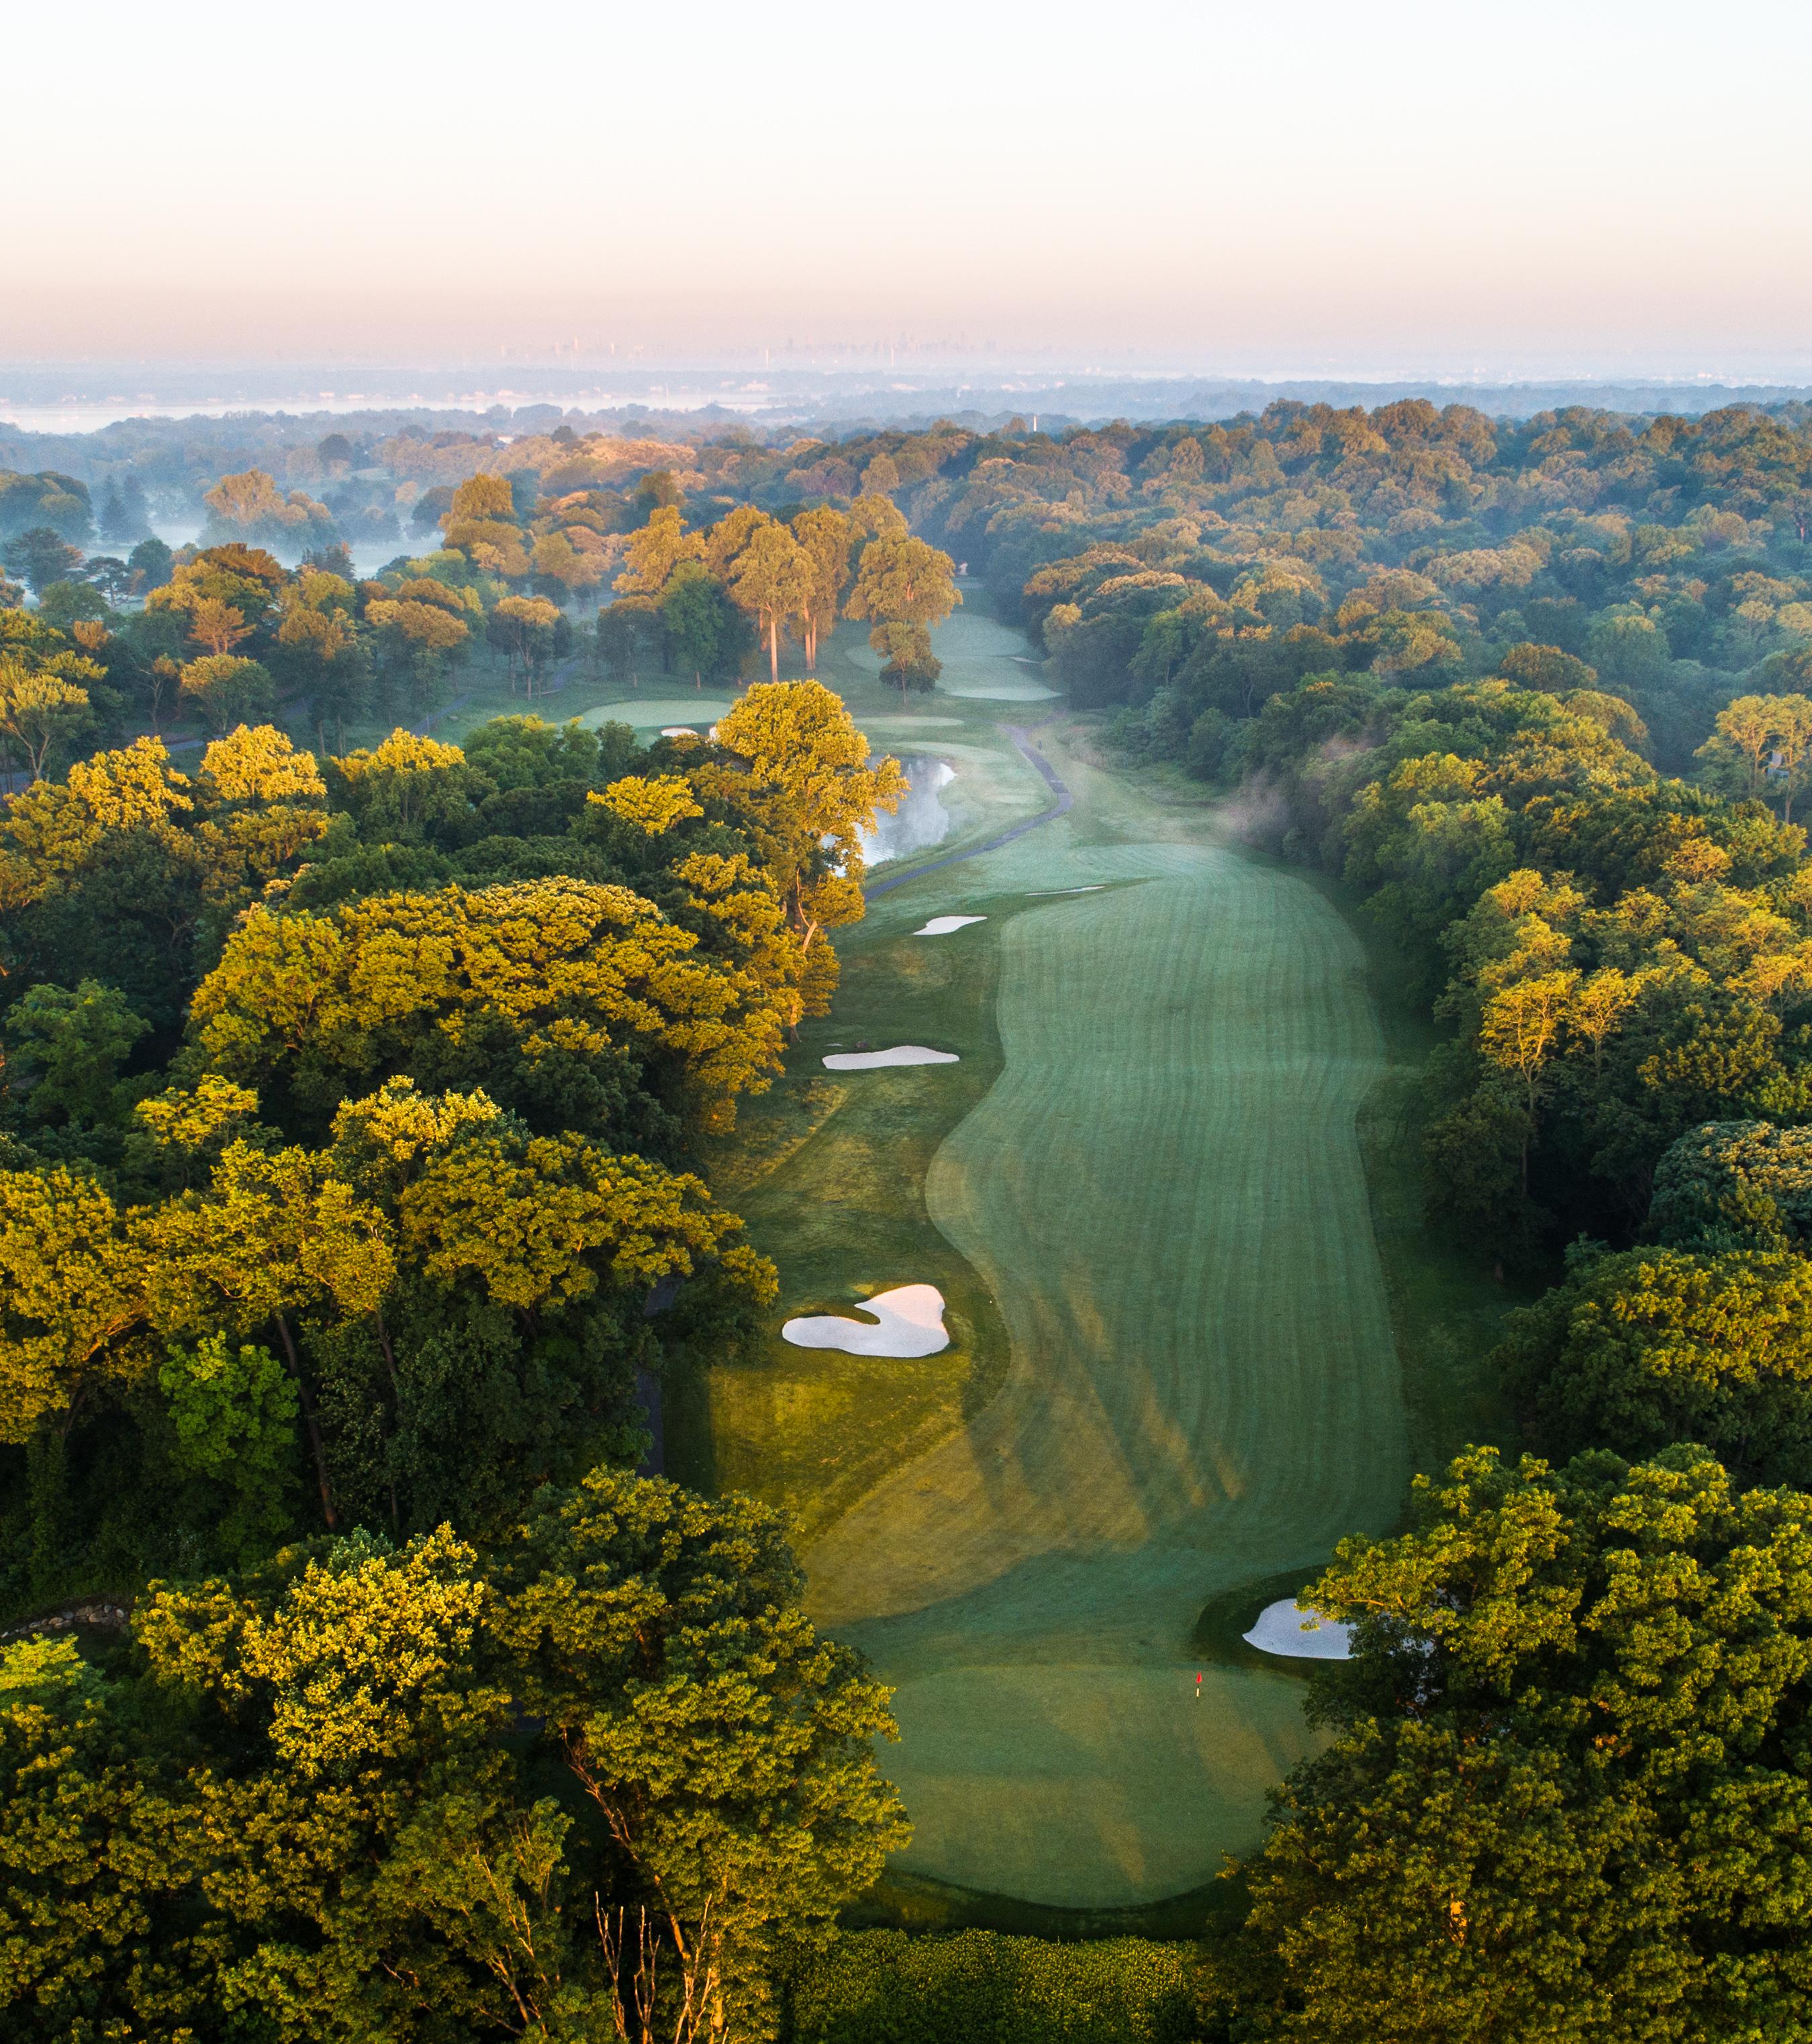 Village Club Of Sand Point Golf Club Brian Oar Photography